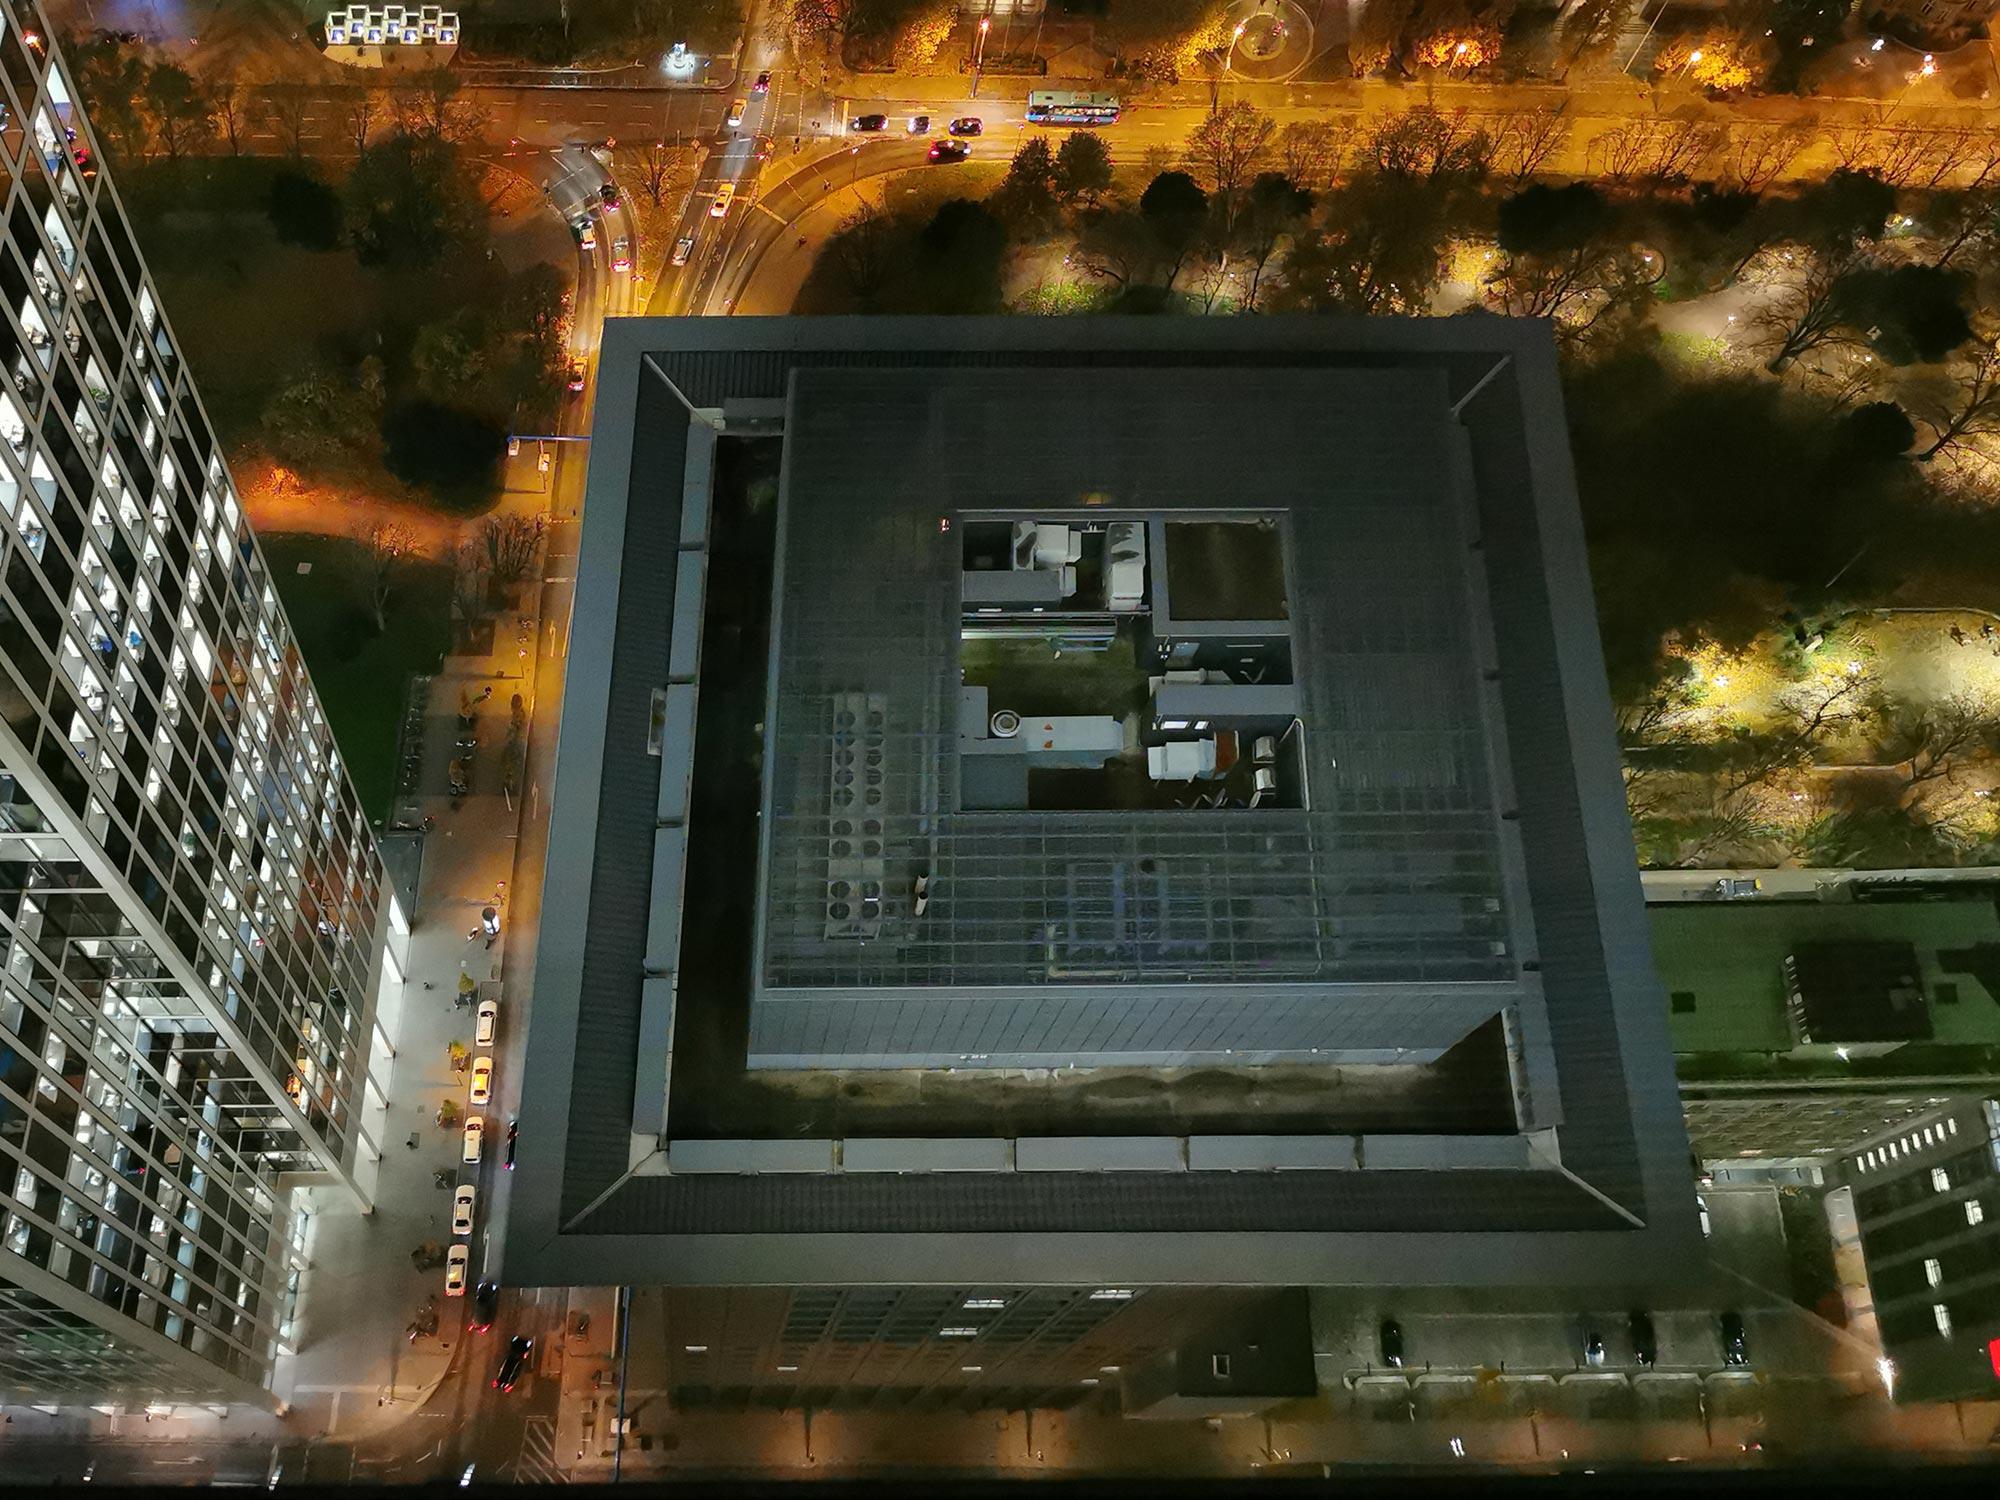 Japan Center Frankfurt - Dachaufnahme - Dach Japan Center nachts - Bankenviertel von oben